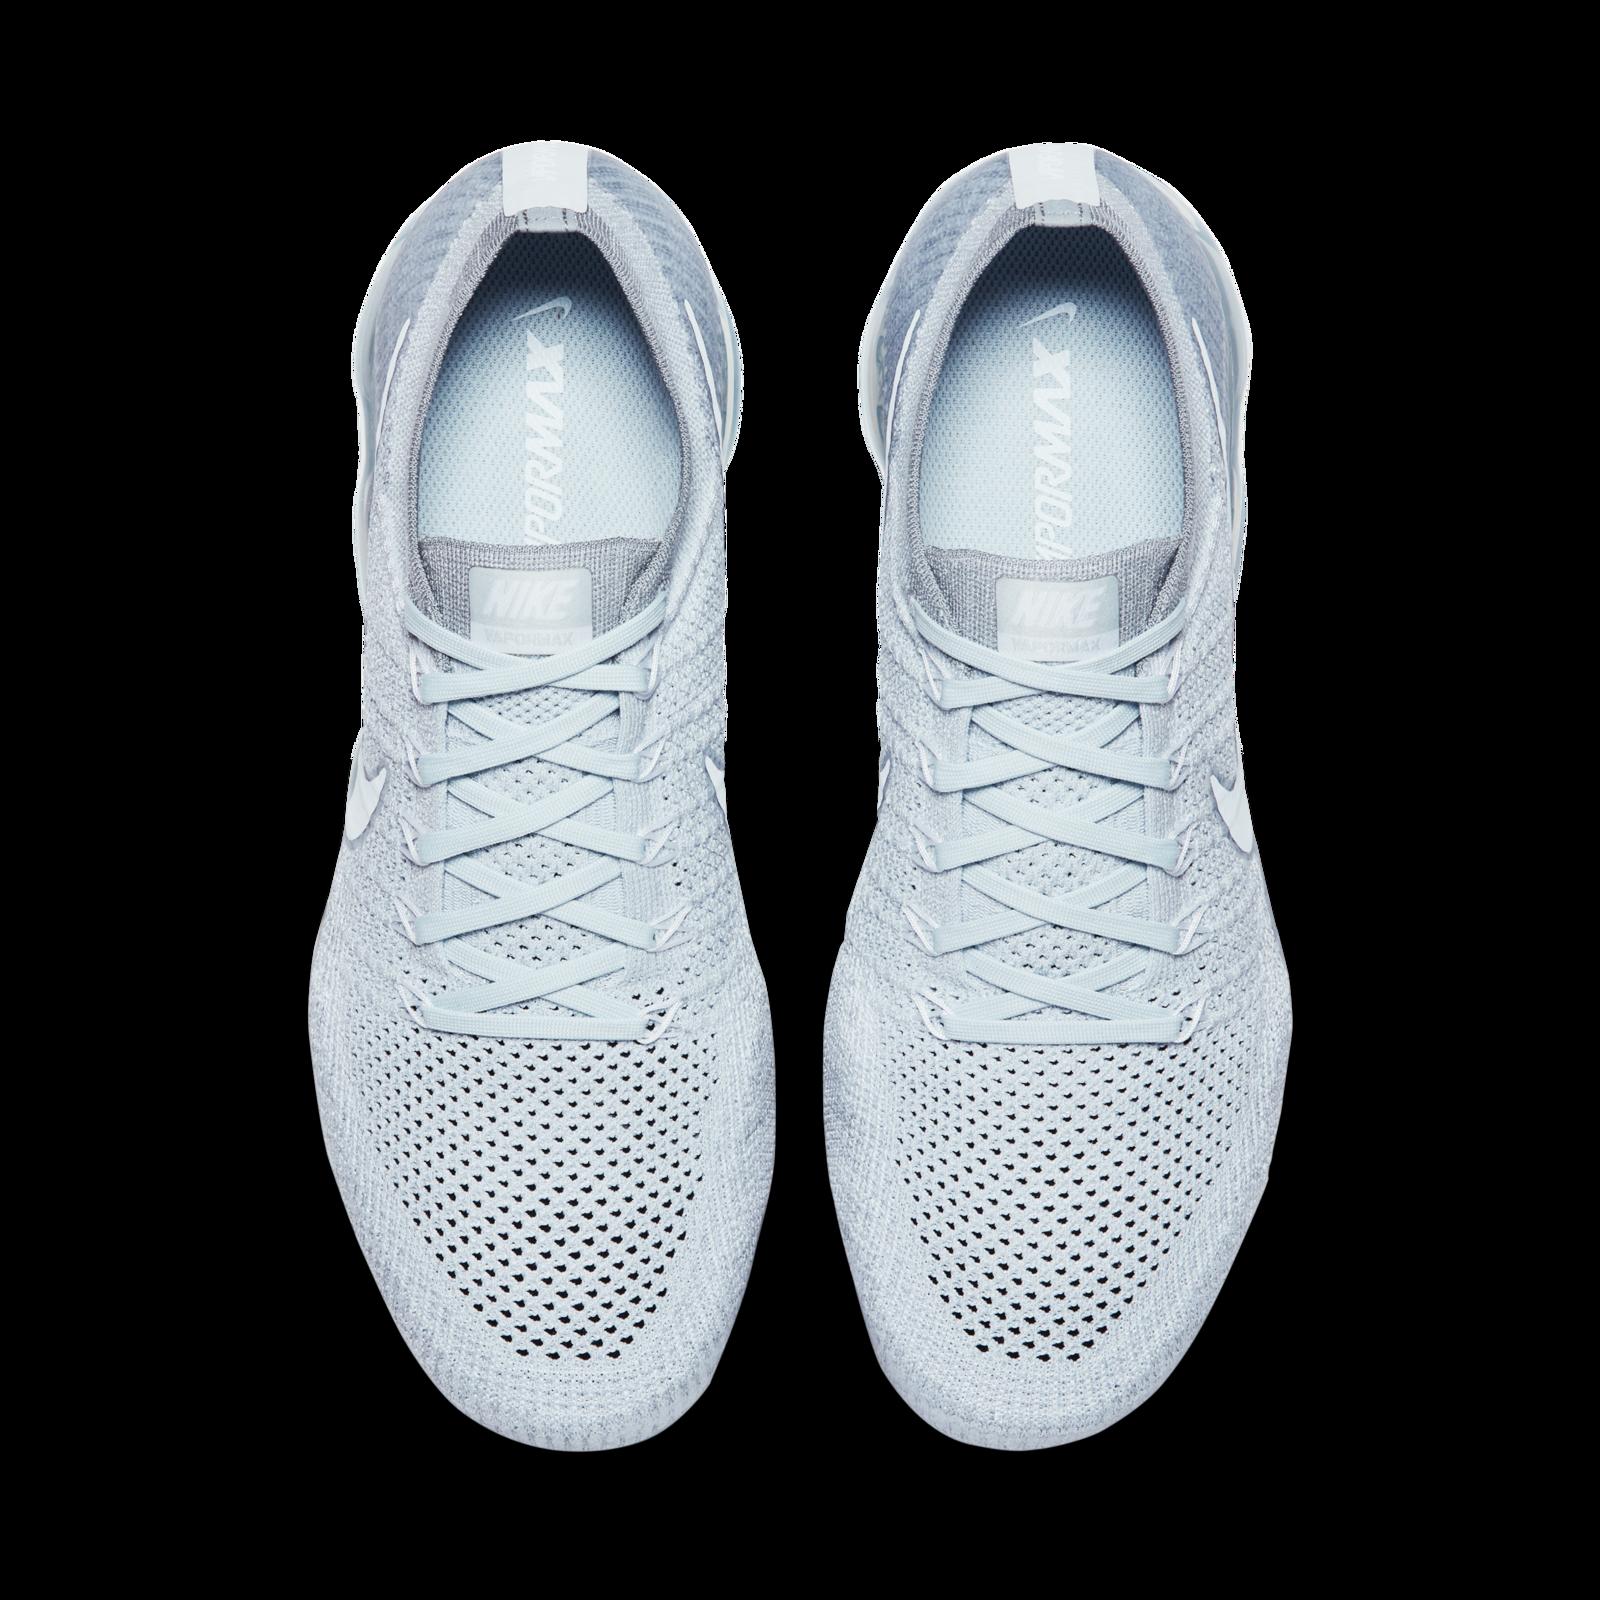 Nike Air Max Dragon Tennis Shoes